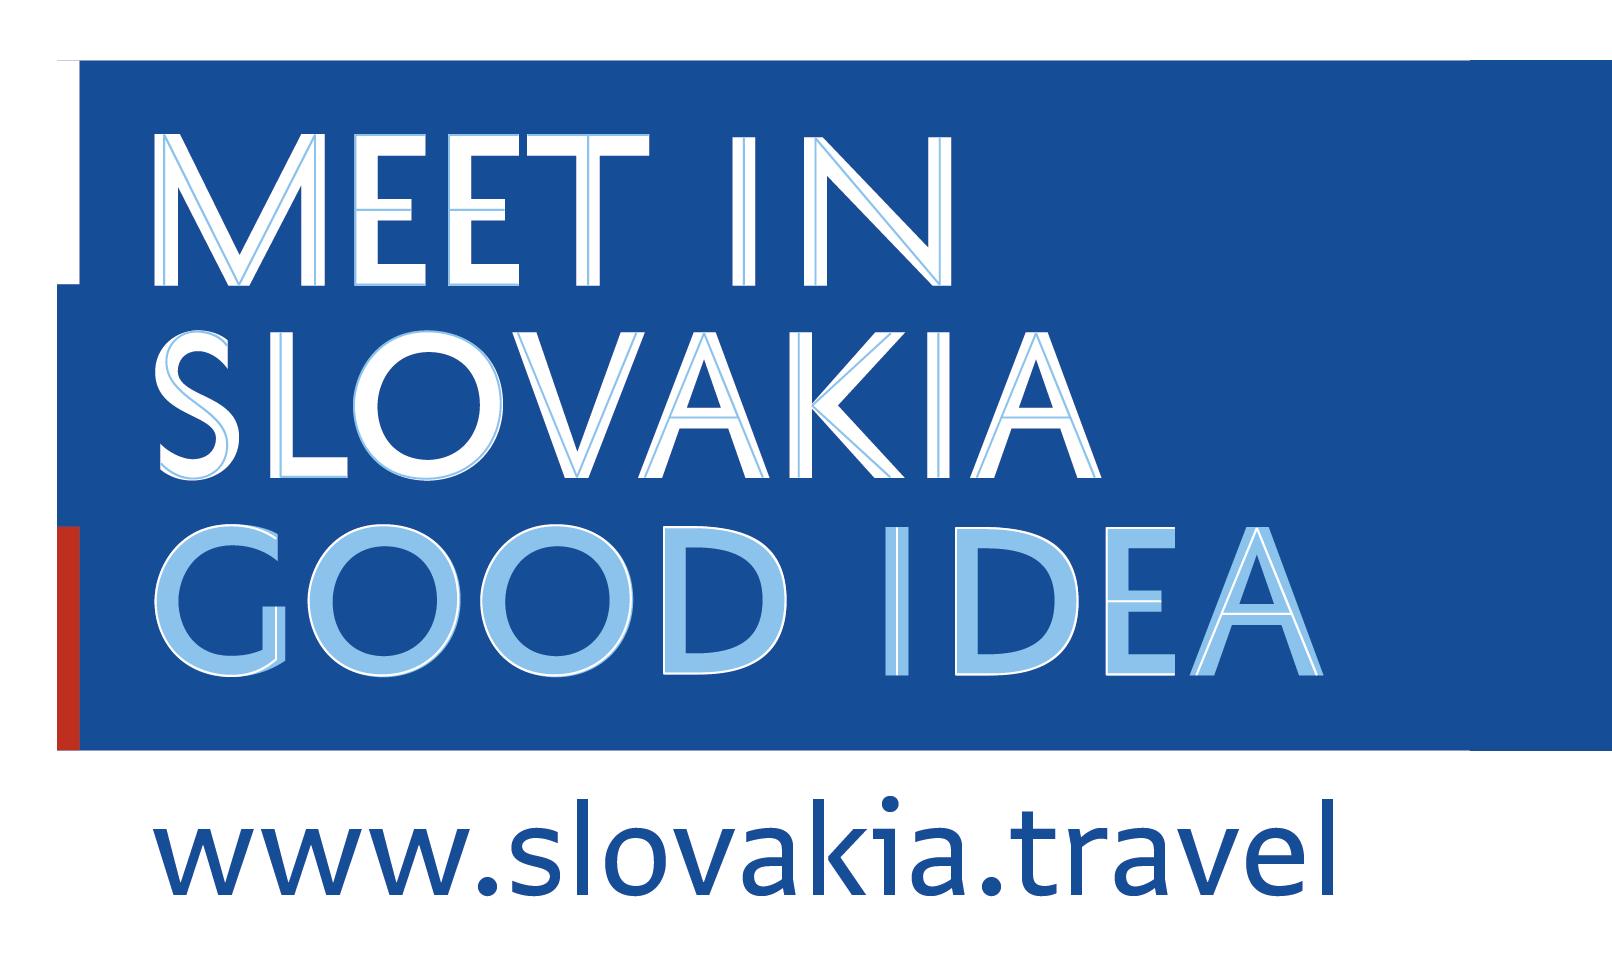 meet_in_slovakia